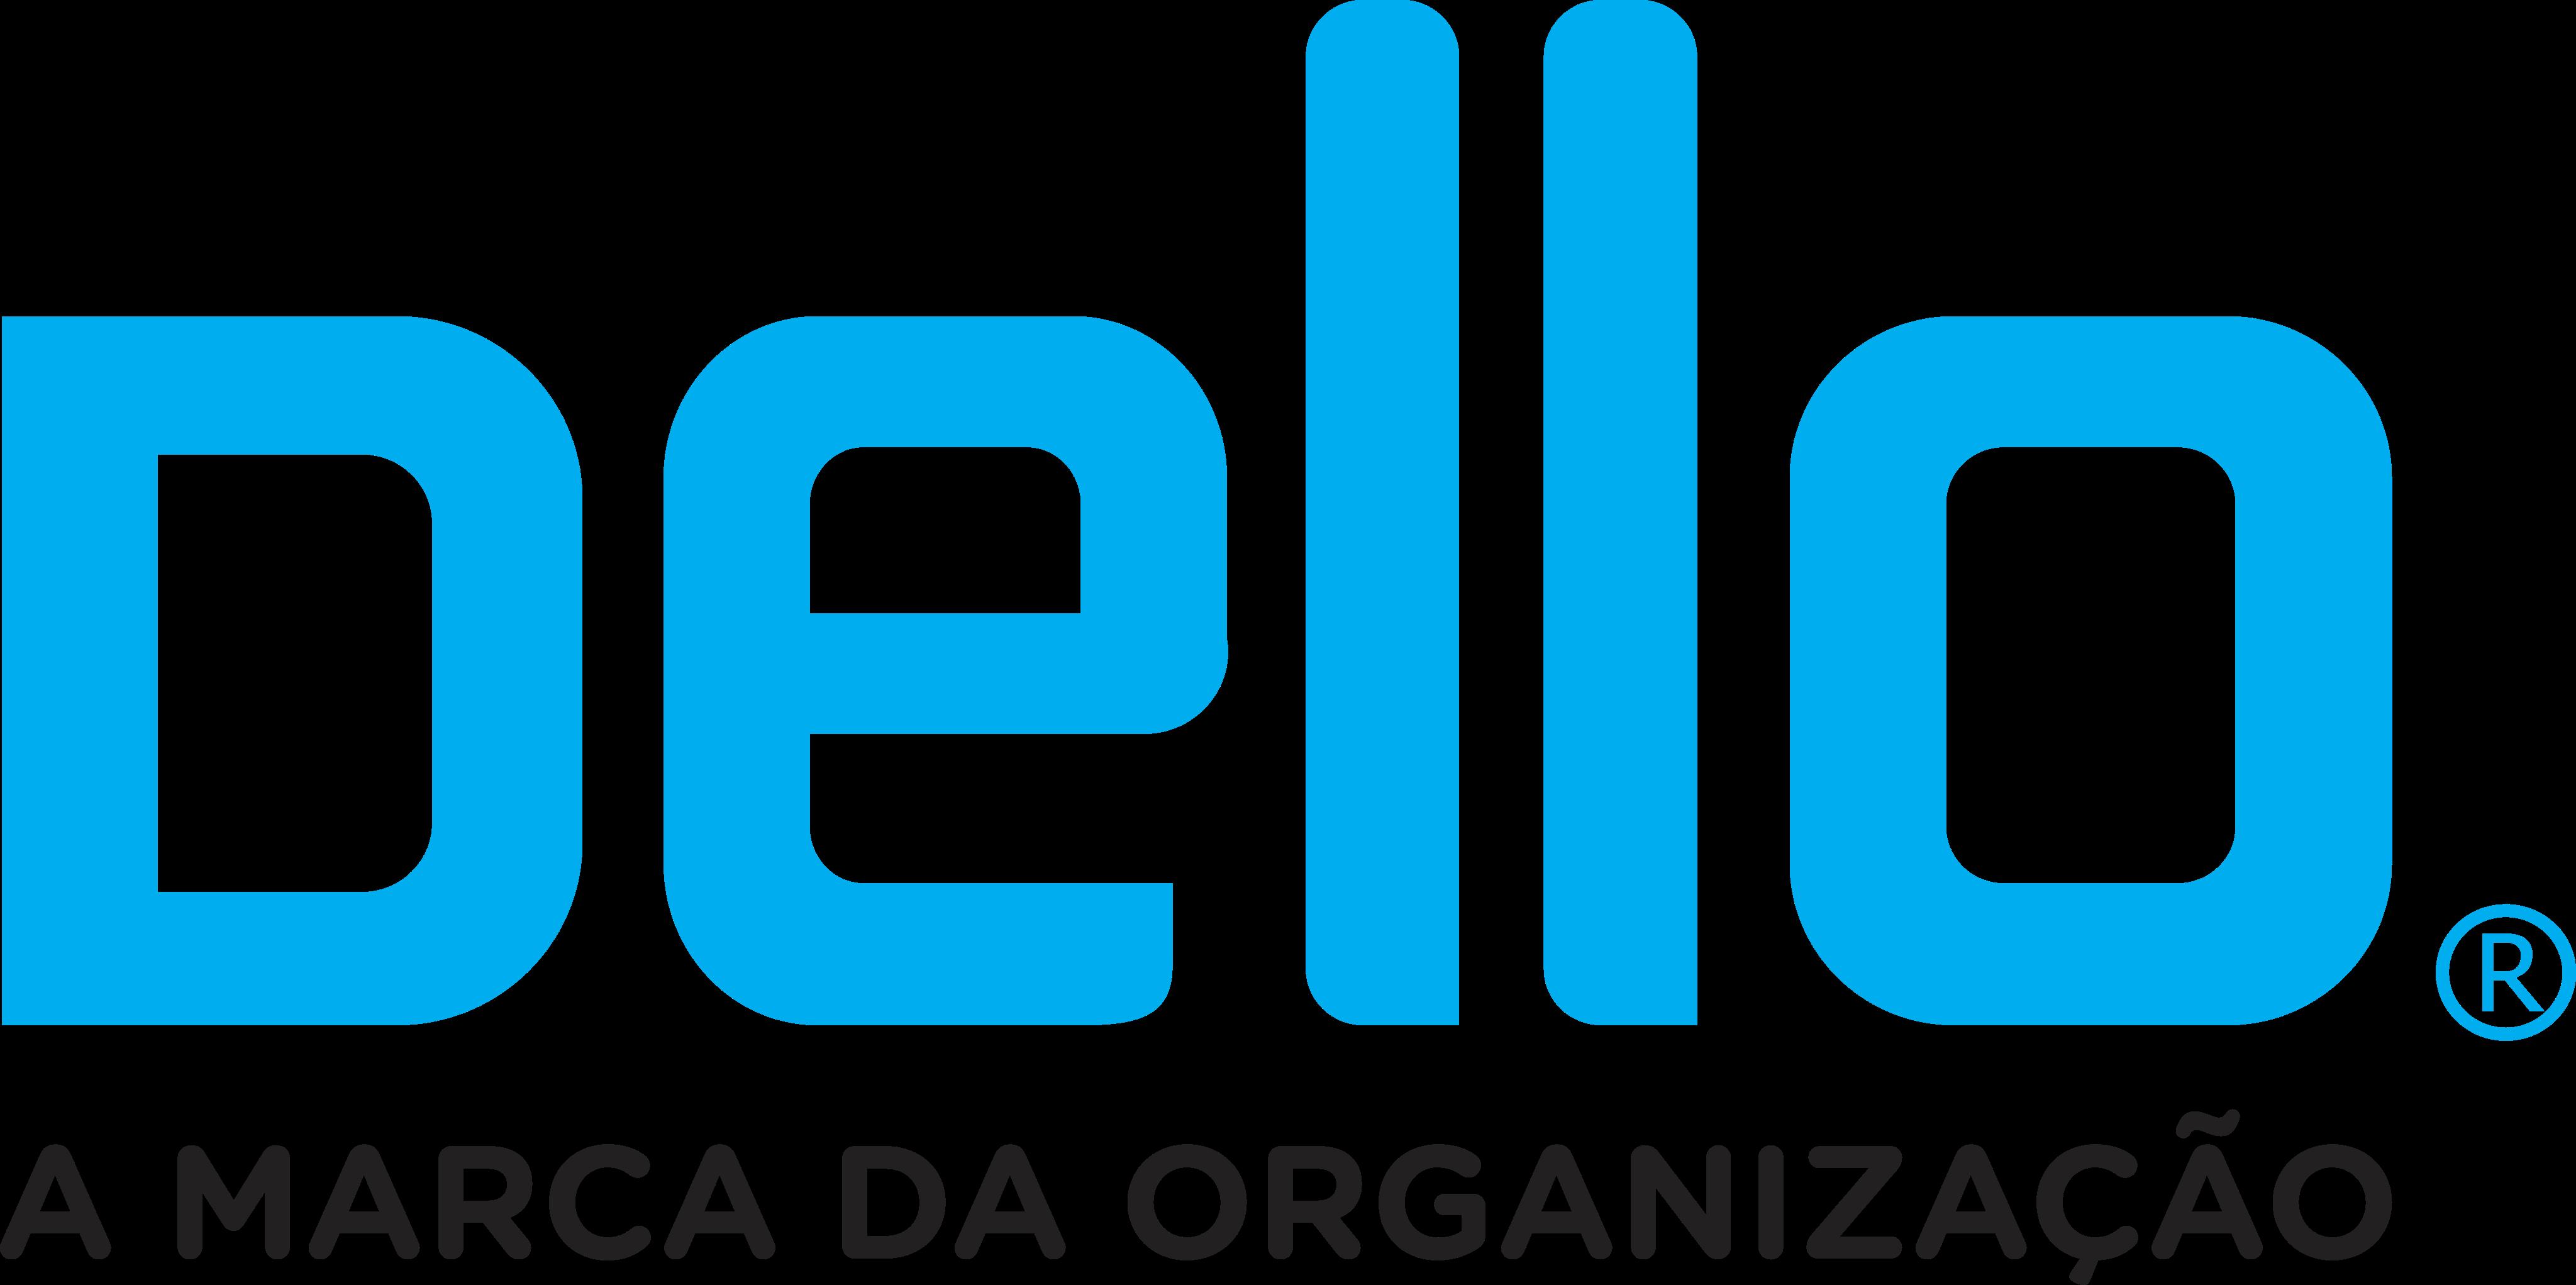 Dello Logo.